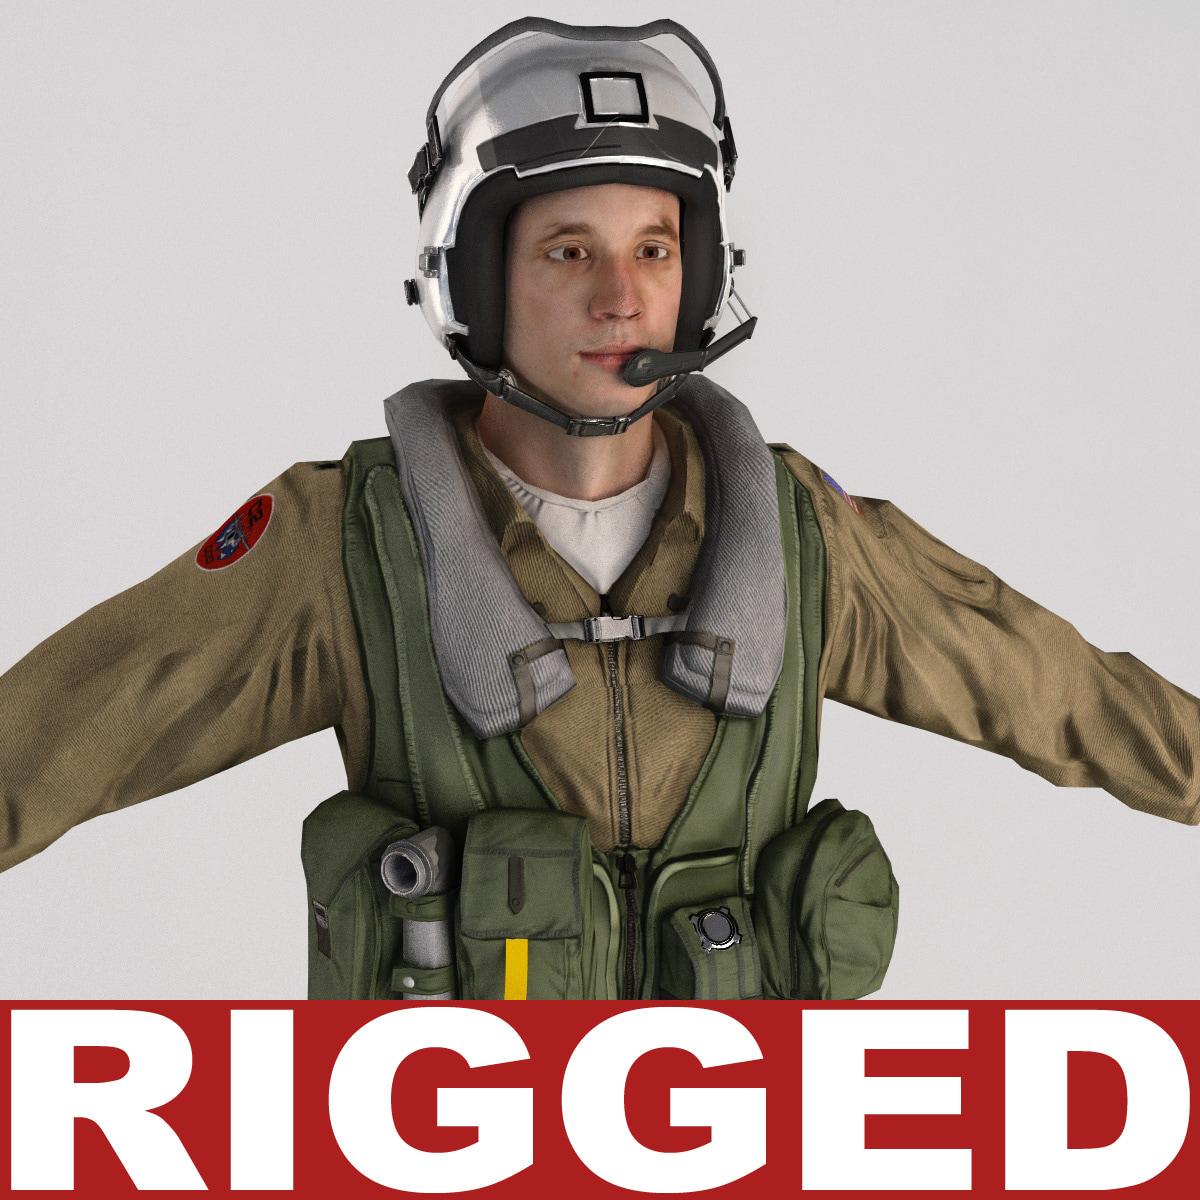 Military_Pilot_V2_Rigged_00.jpg